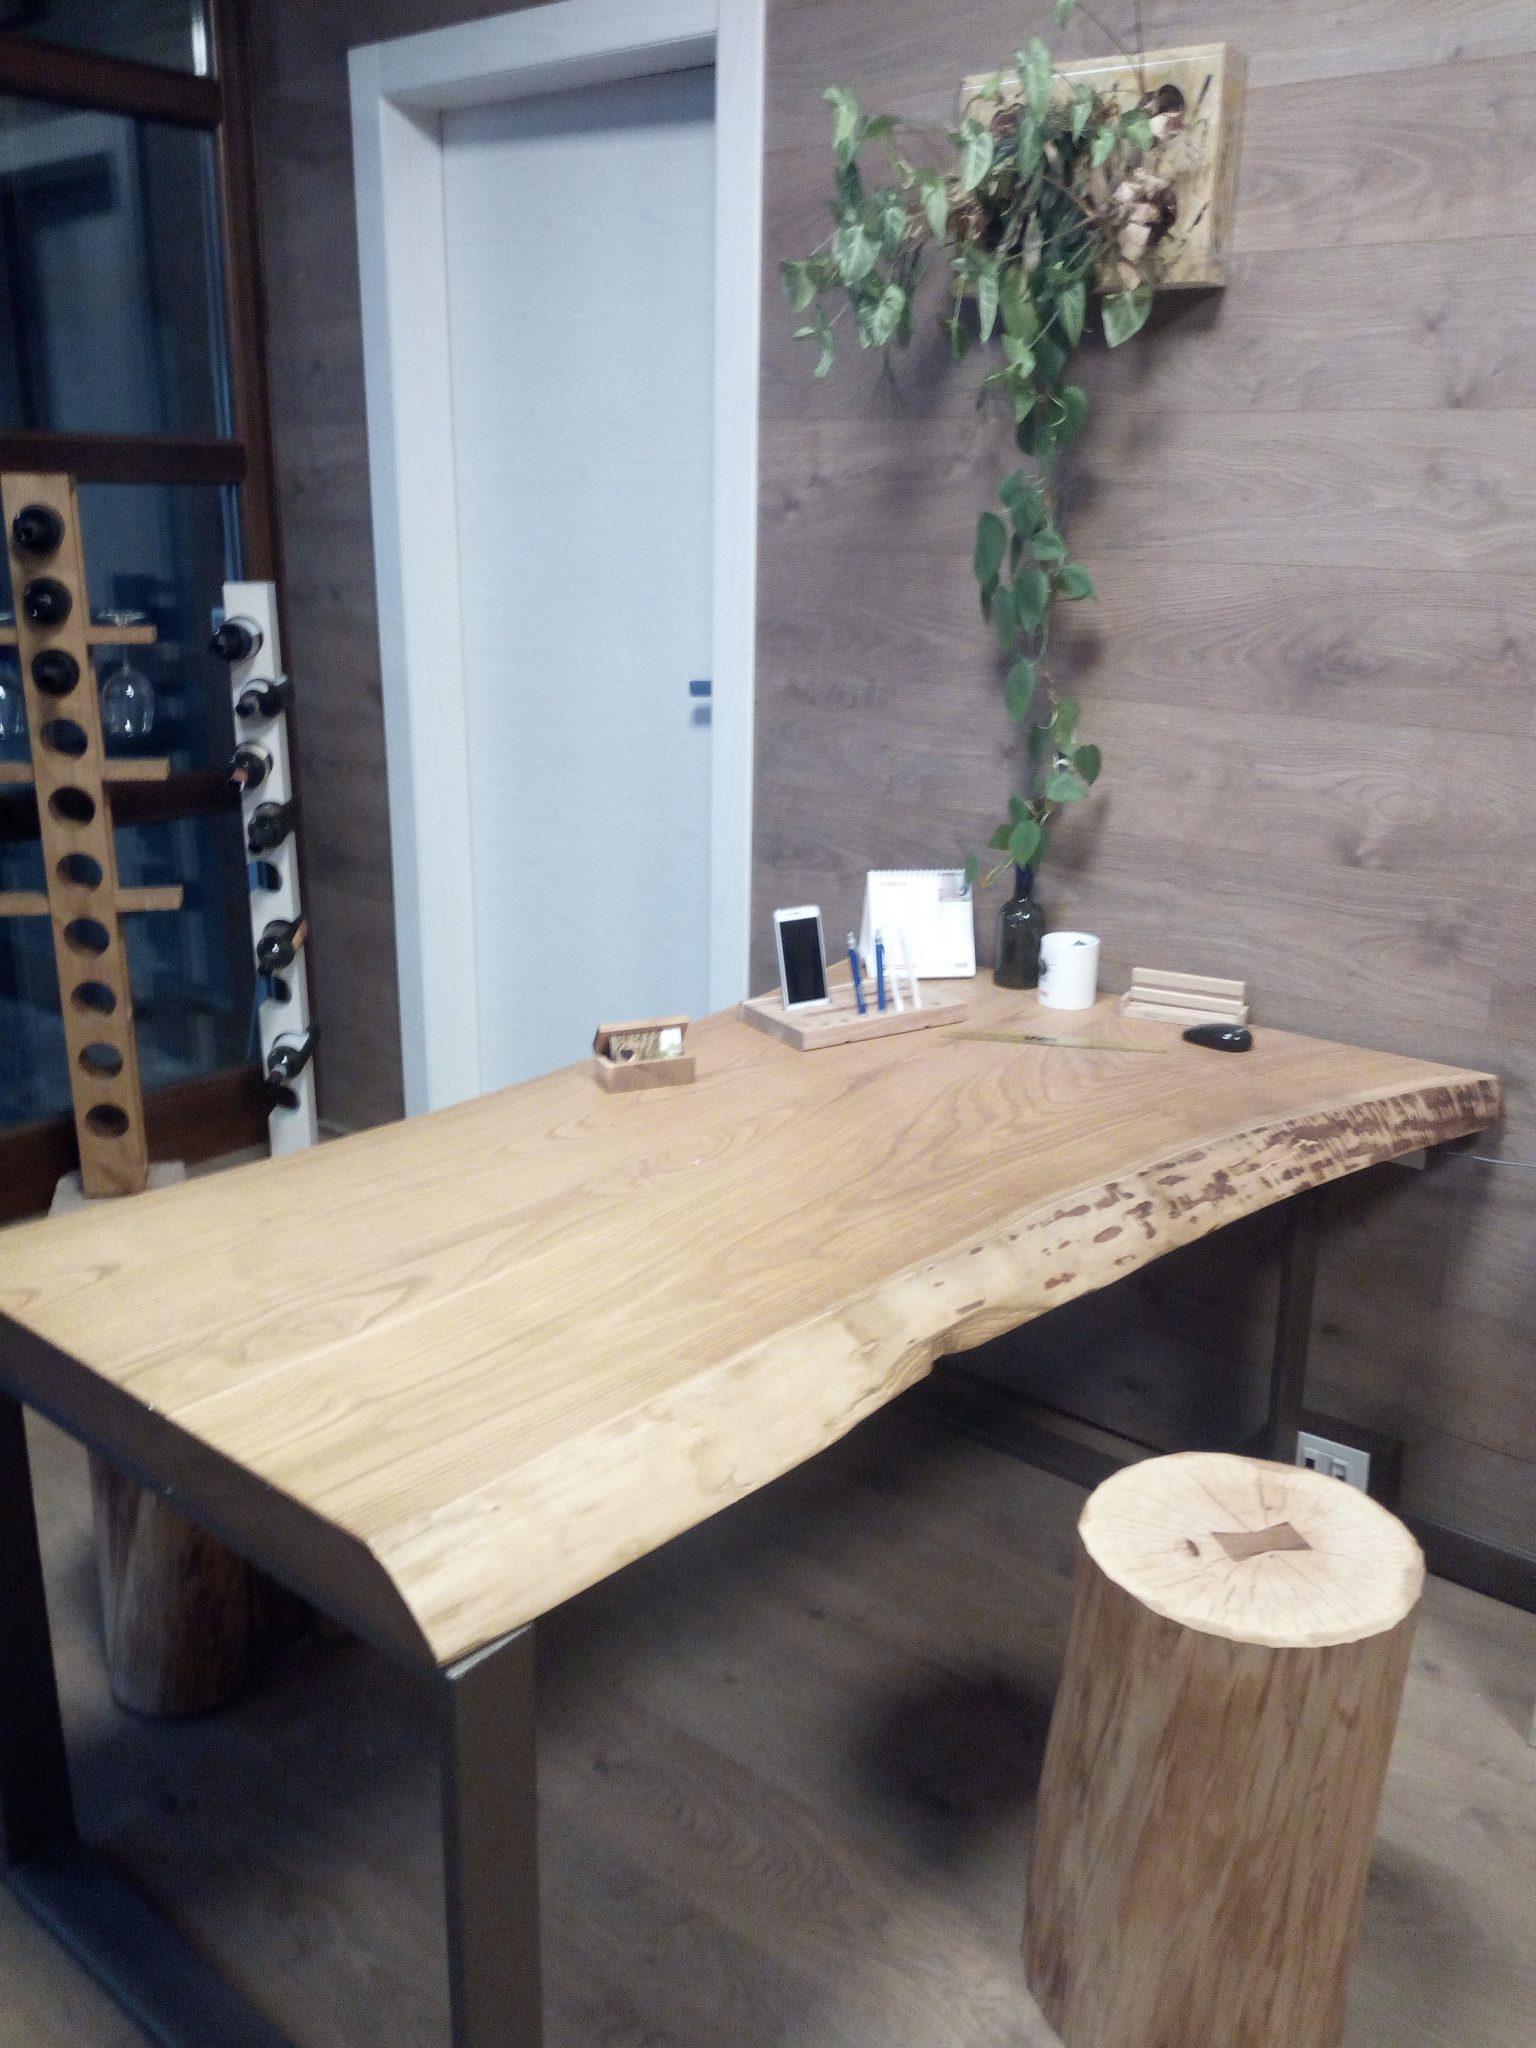 Tavoli in legno artigianali - Tavoli artigianali in legno ...